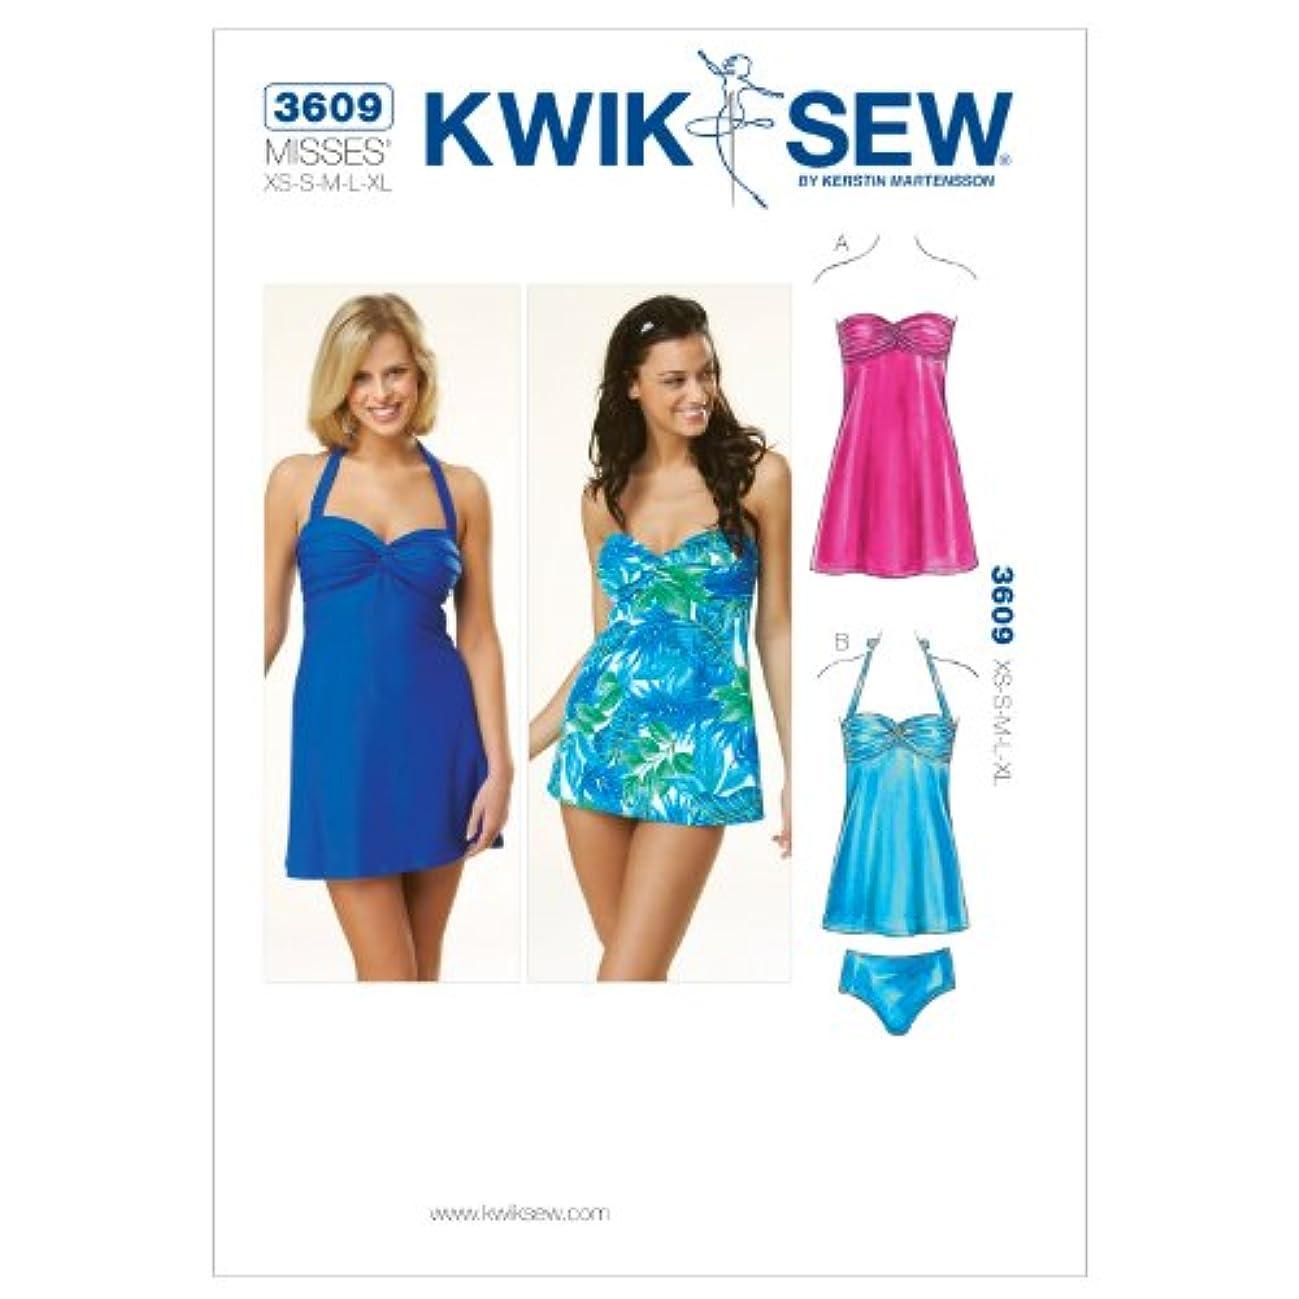 Kwik Sew K3609 Swimwear and Dress Sewing Pattern, Size XS-S-M-L-XL